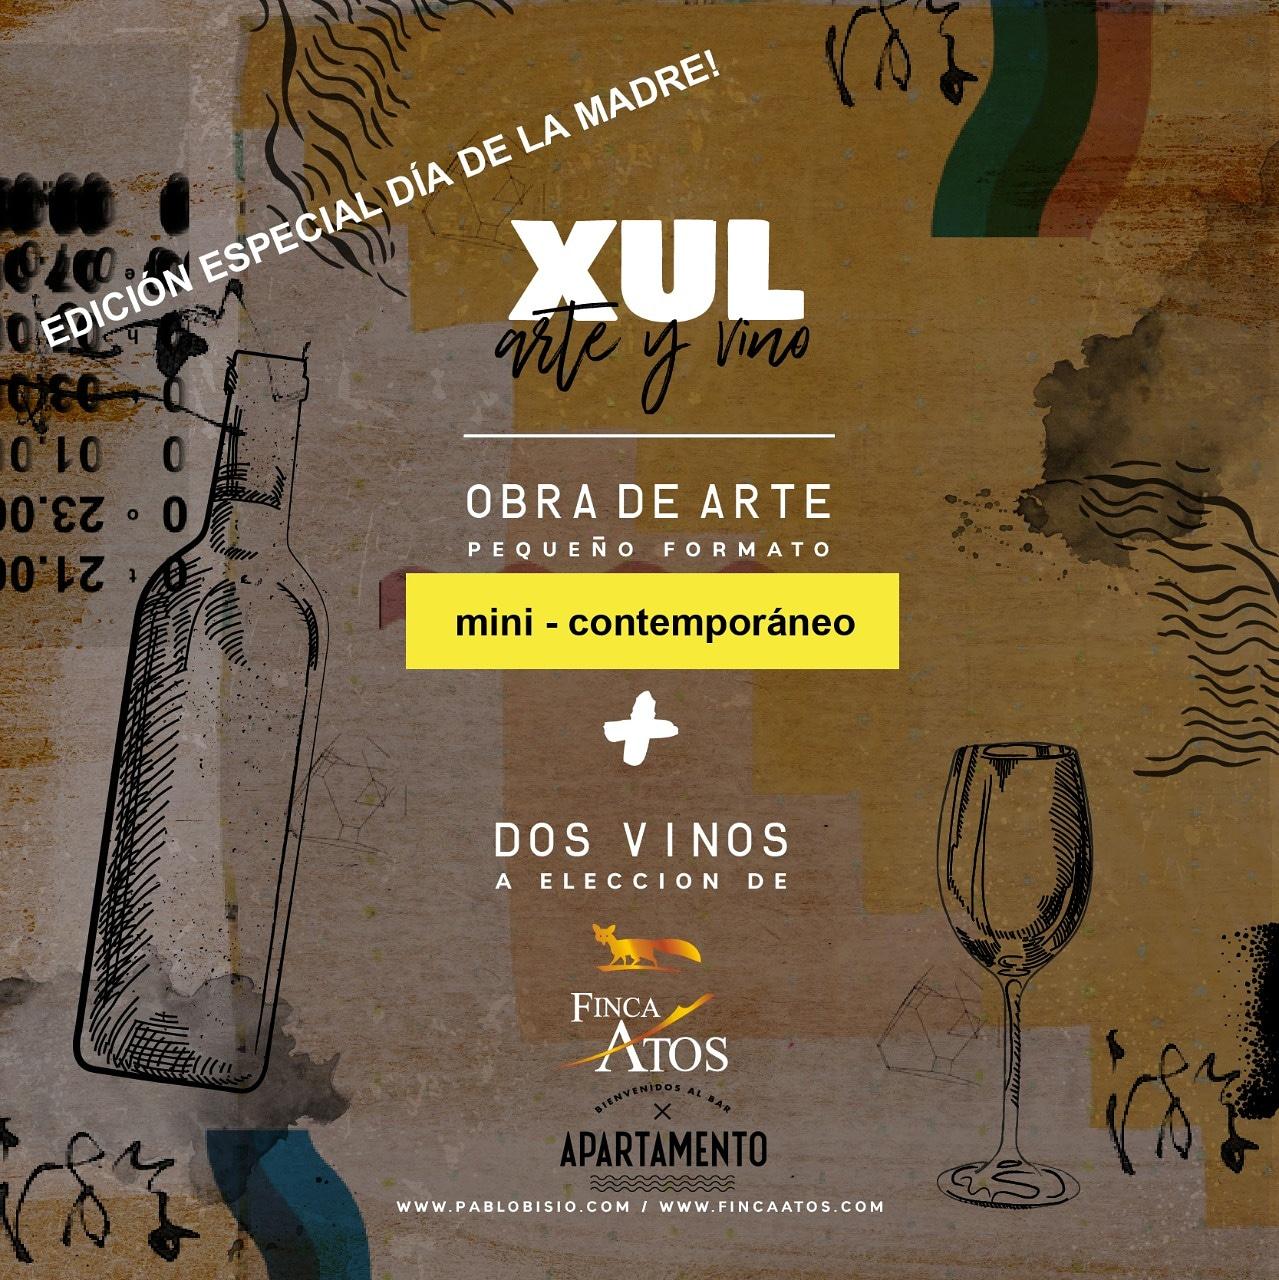 XUL Arte y Vino